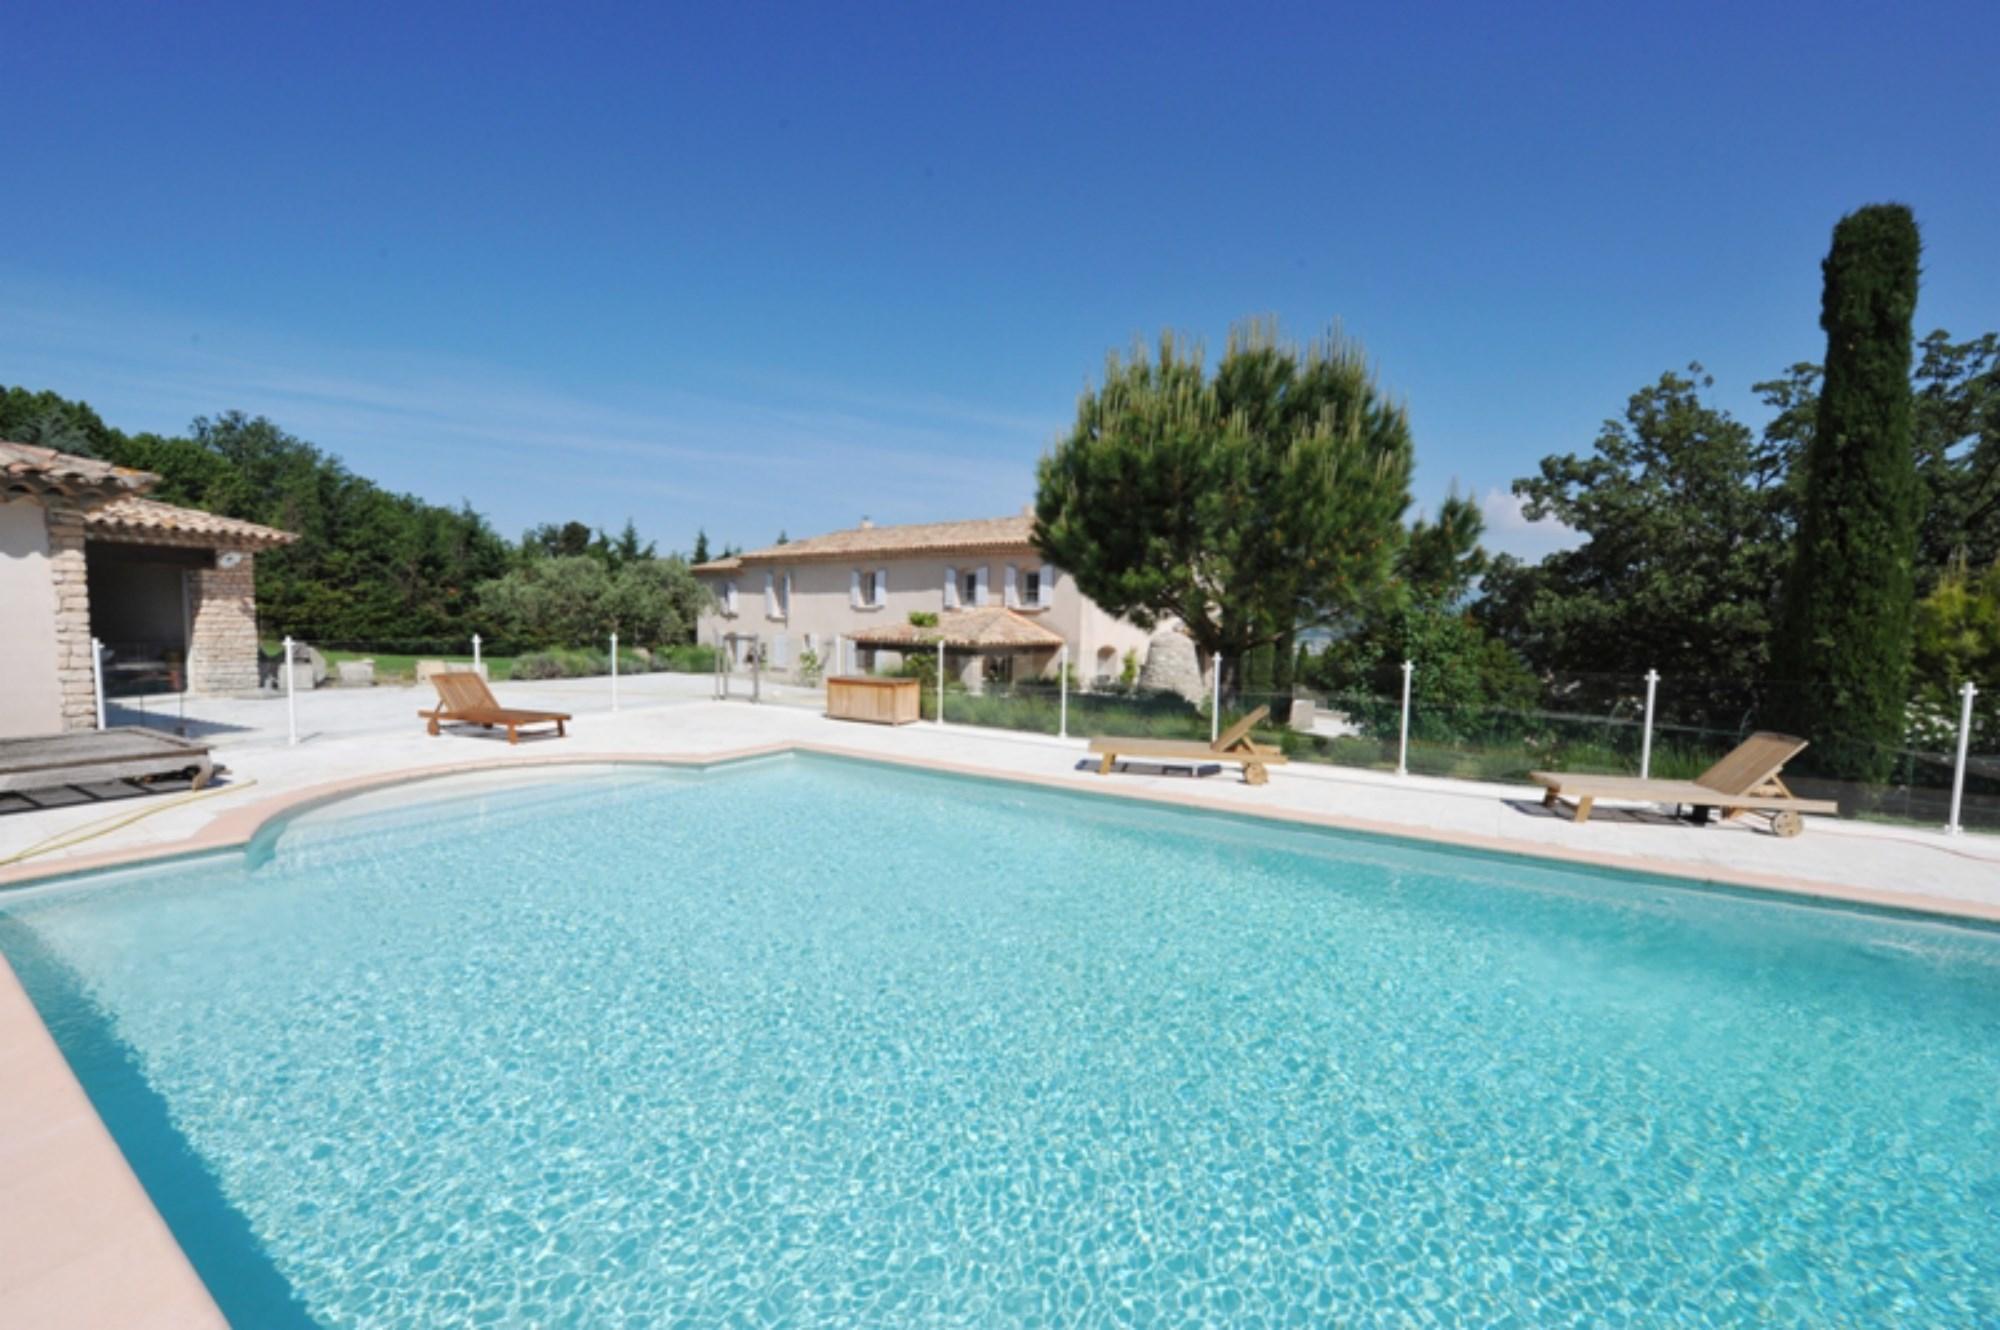 A vendre, bastide provençale rénovée, avec vue, sur un parc de 8000 m² et piscine